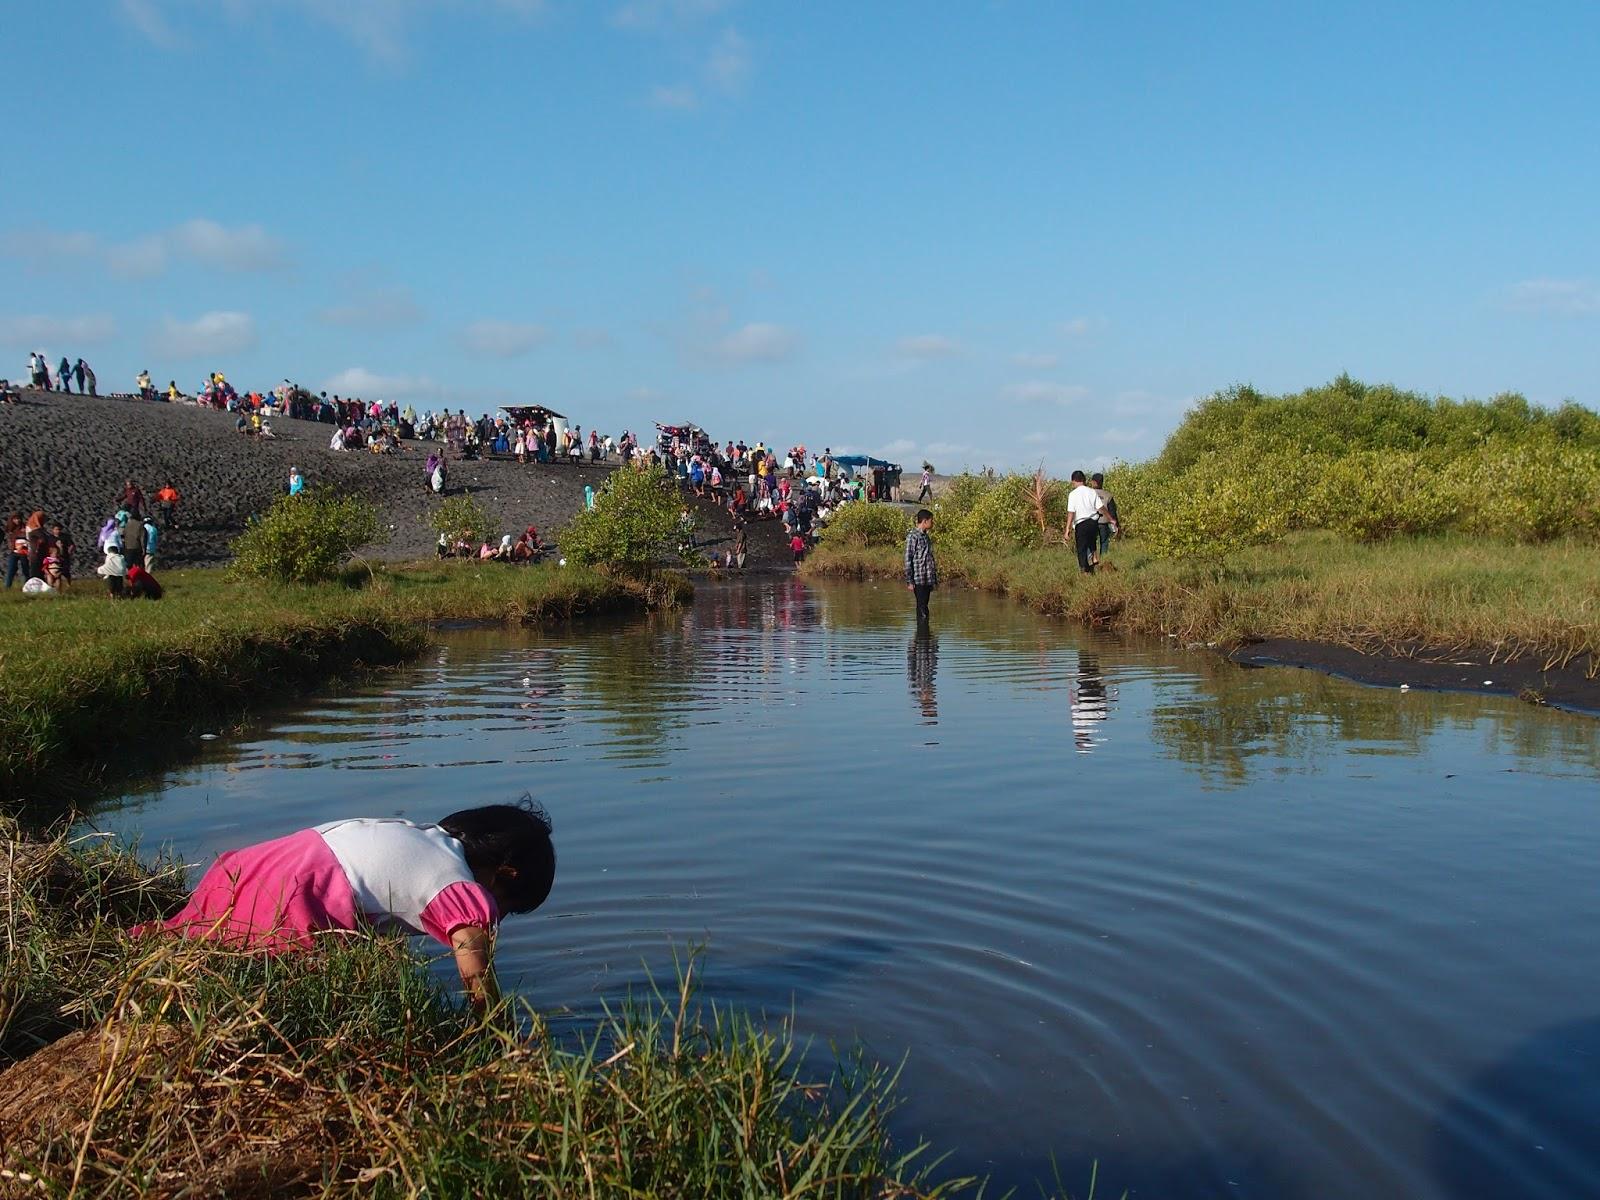 Ruang Riang Lebaran Pesisir Kebumen Diaspora Iqbal Laguna Pantai Lembu